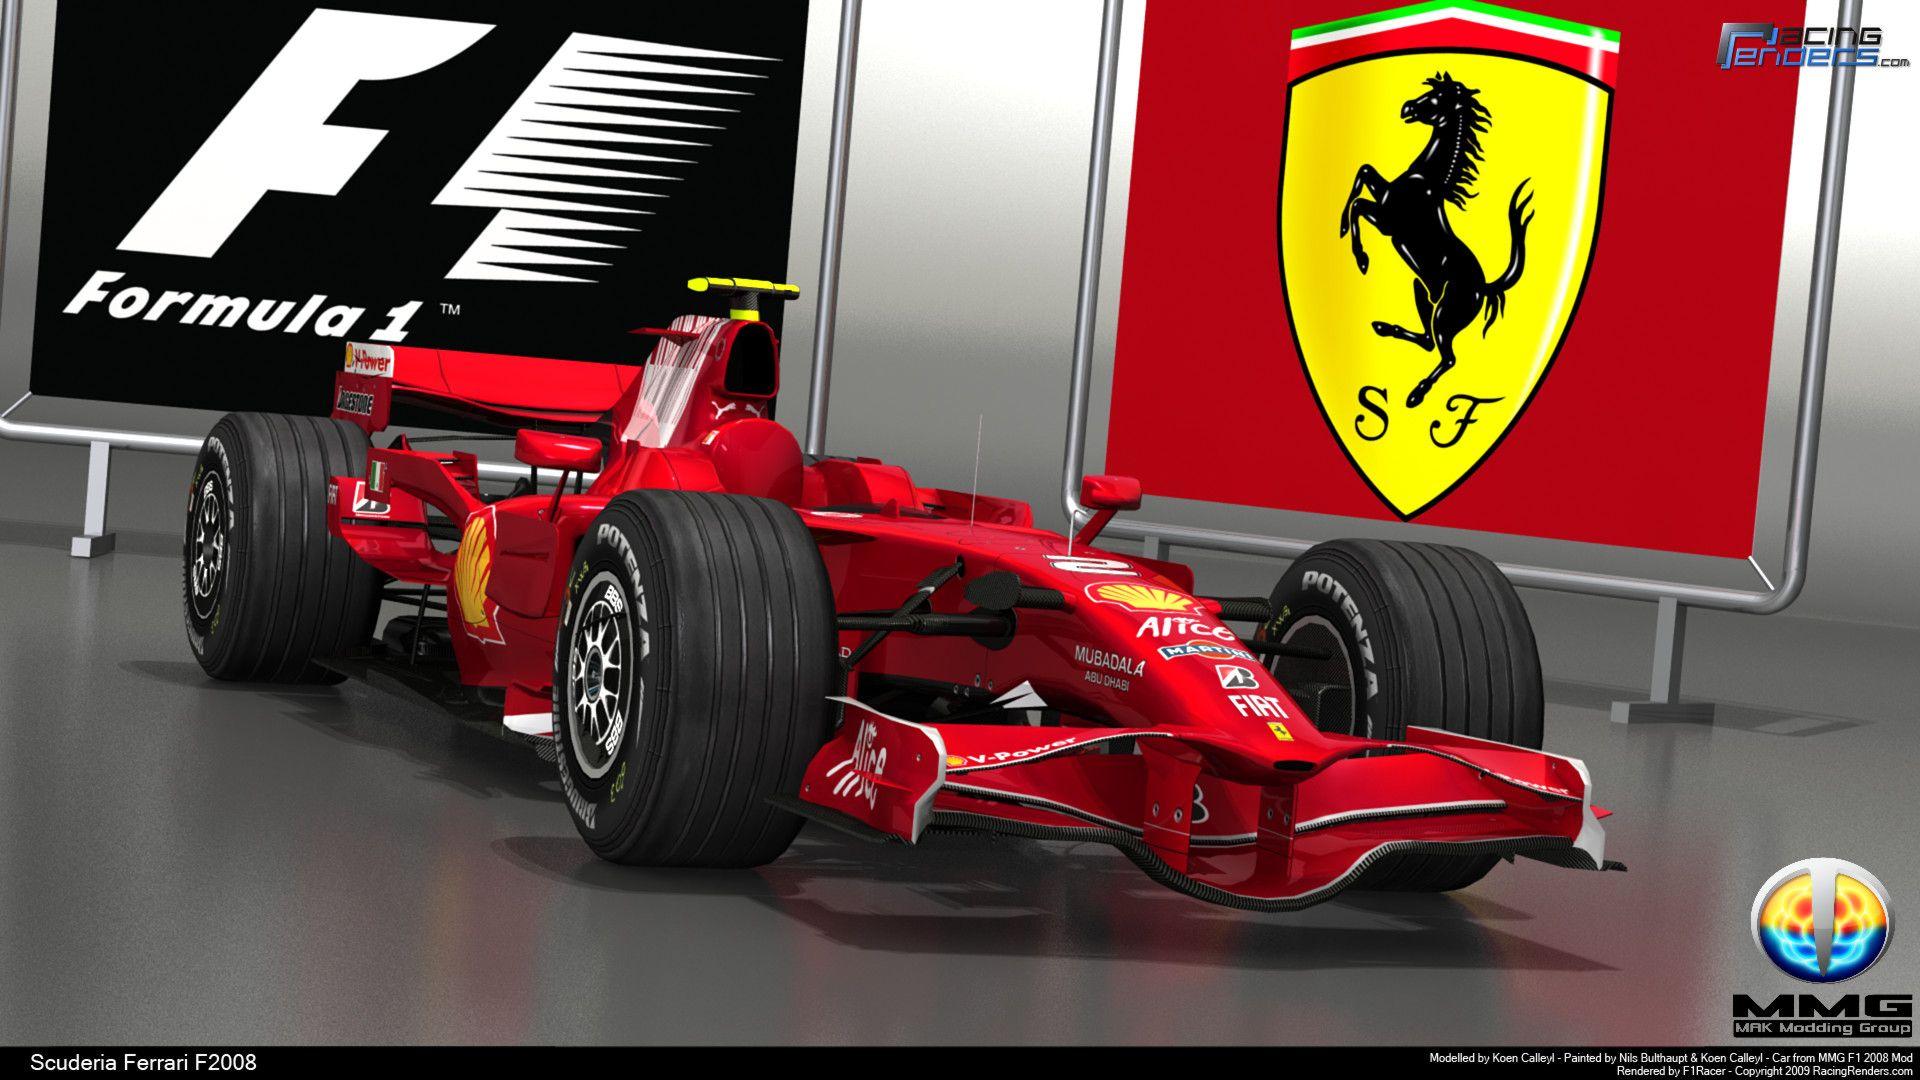 Ferrari F1 Car Ferrari Fans Club Races, Rallies and